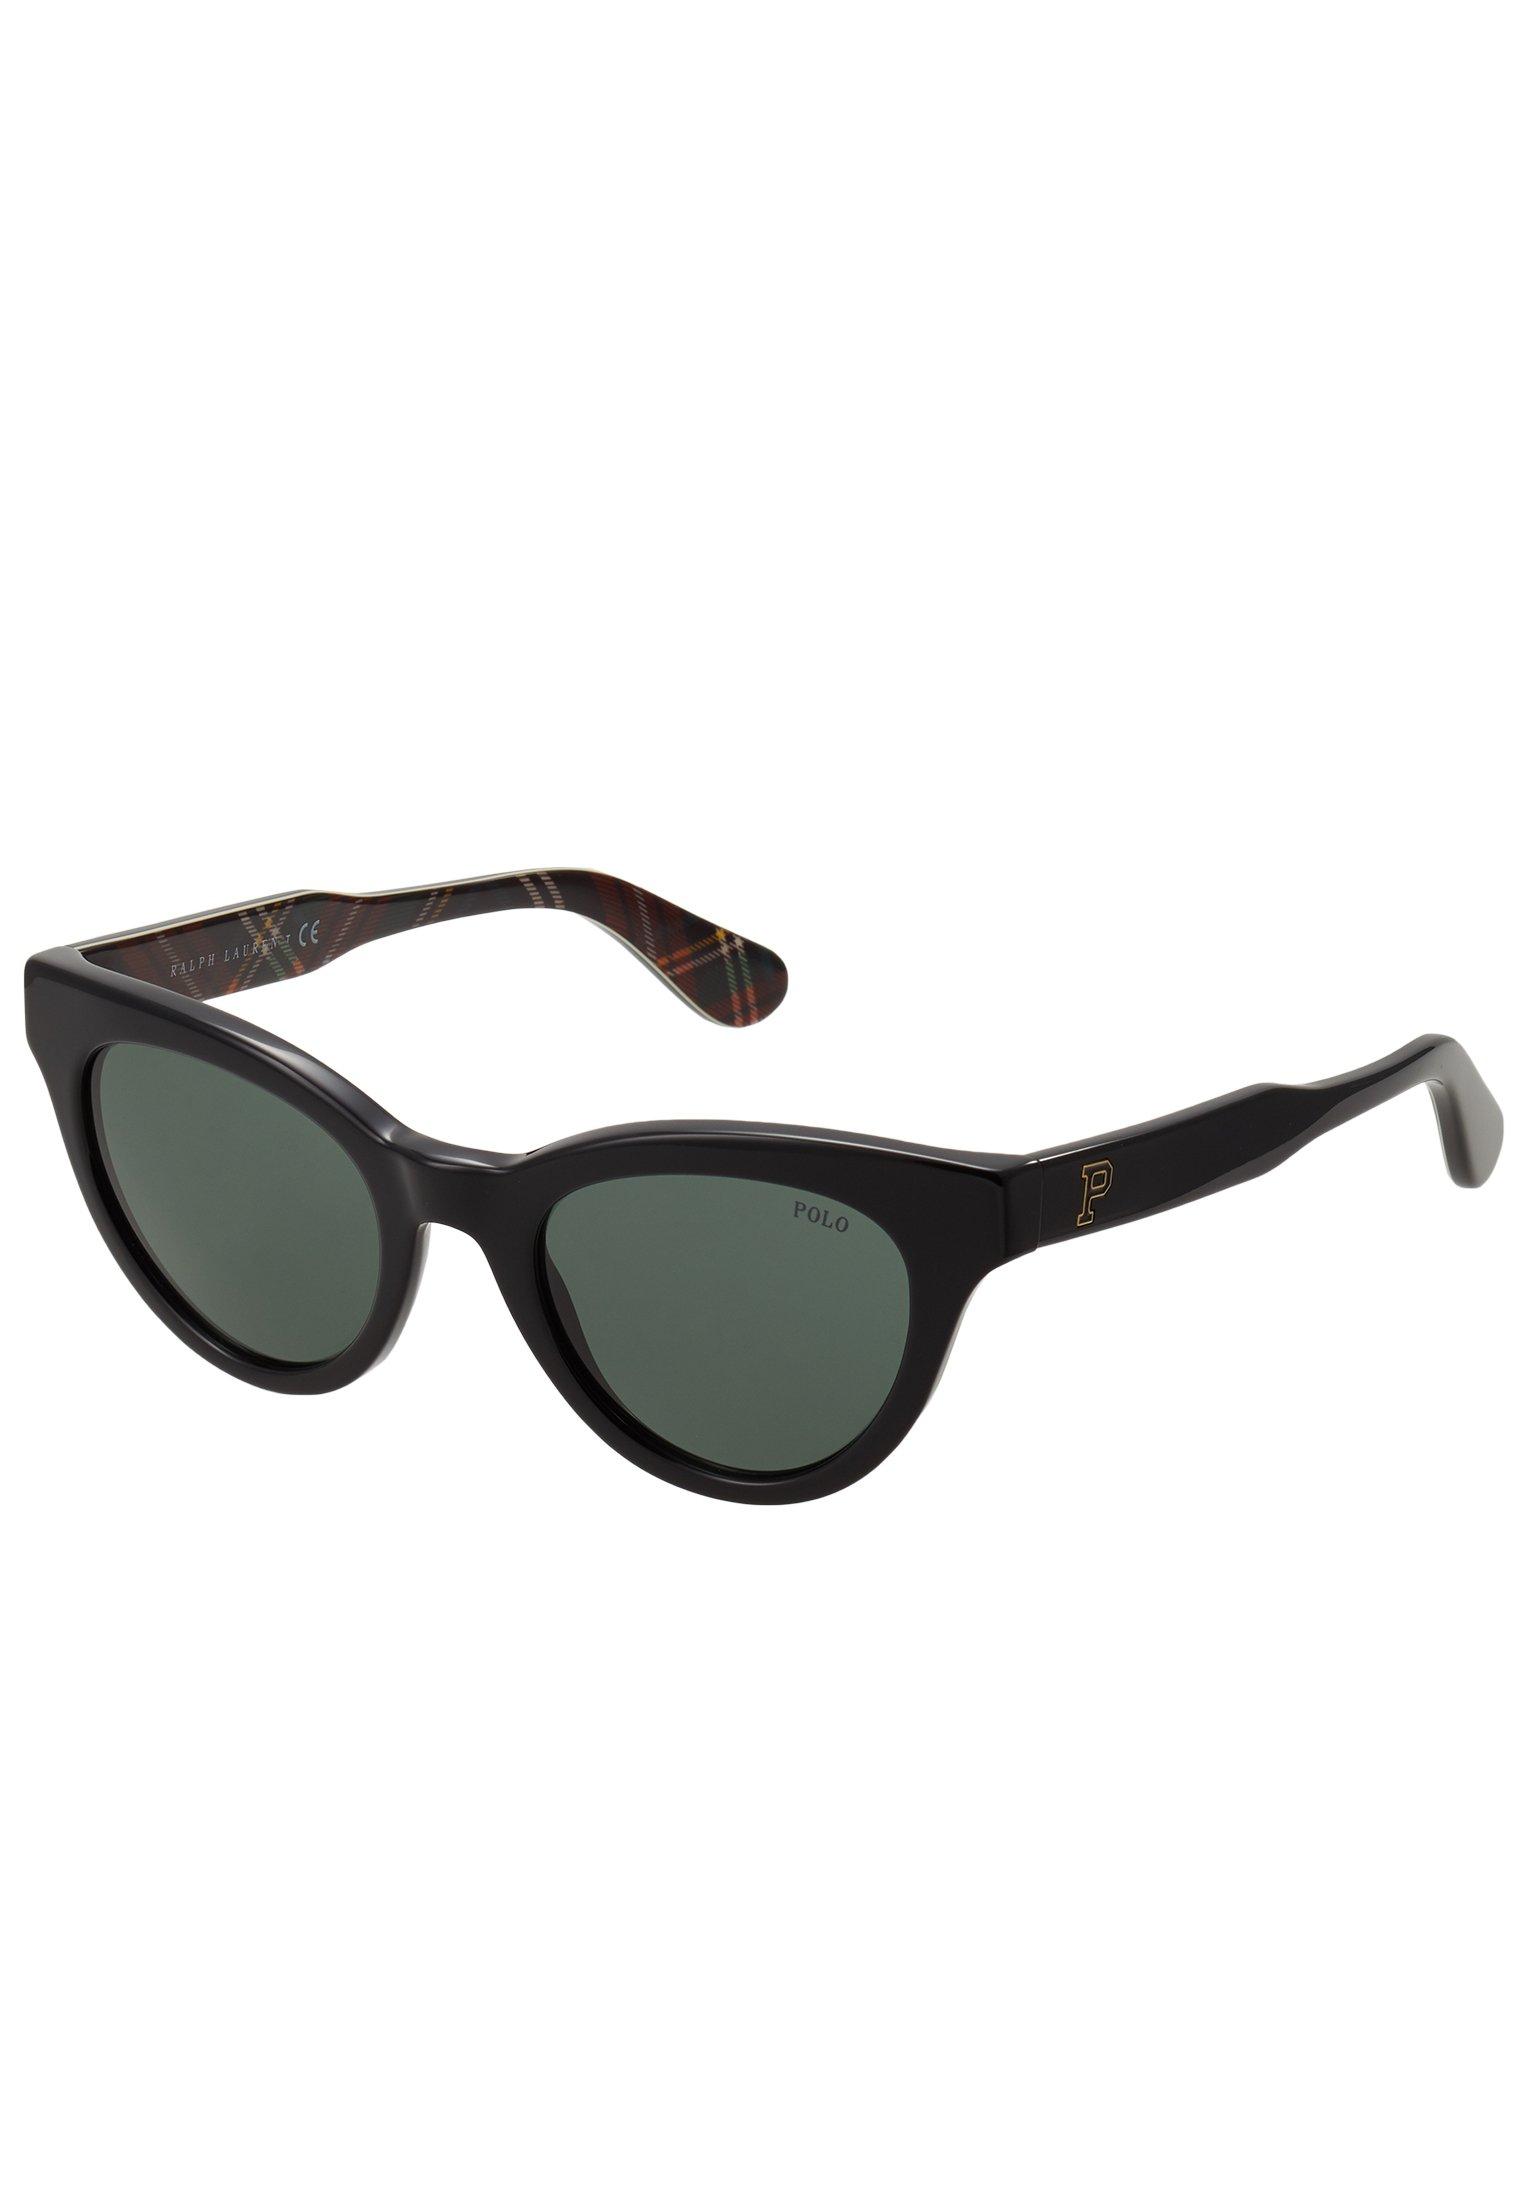 Polo Ralph Lauren Solglasögon - black